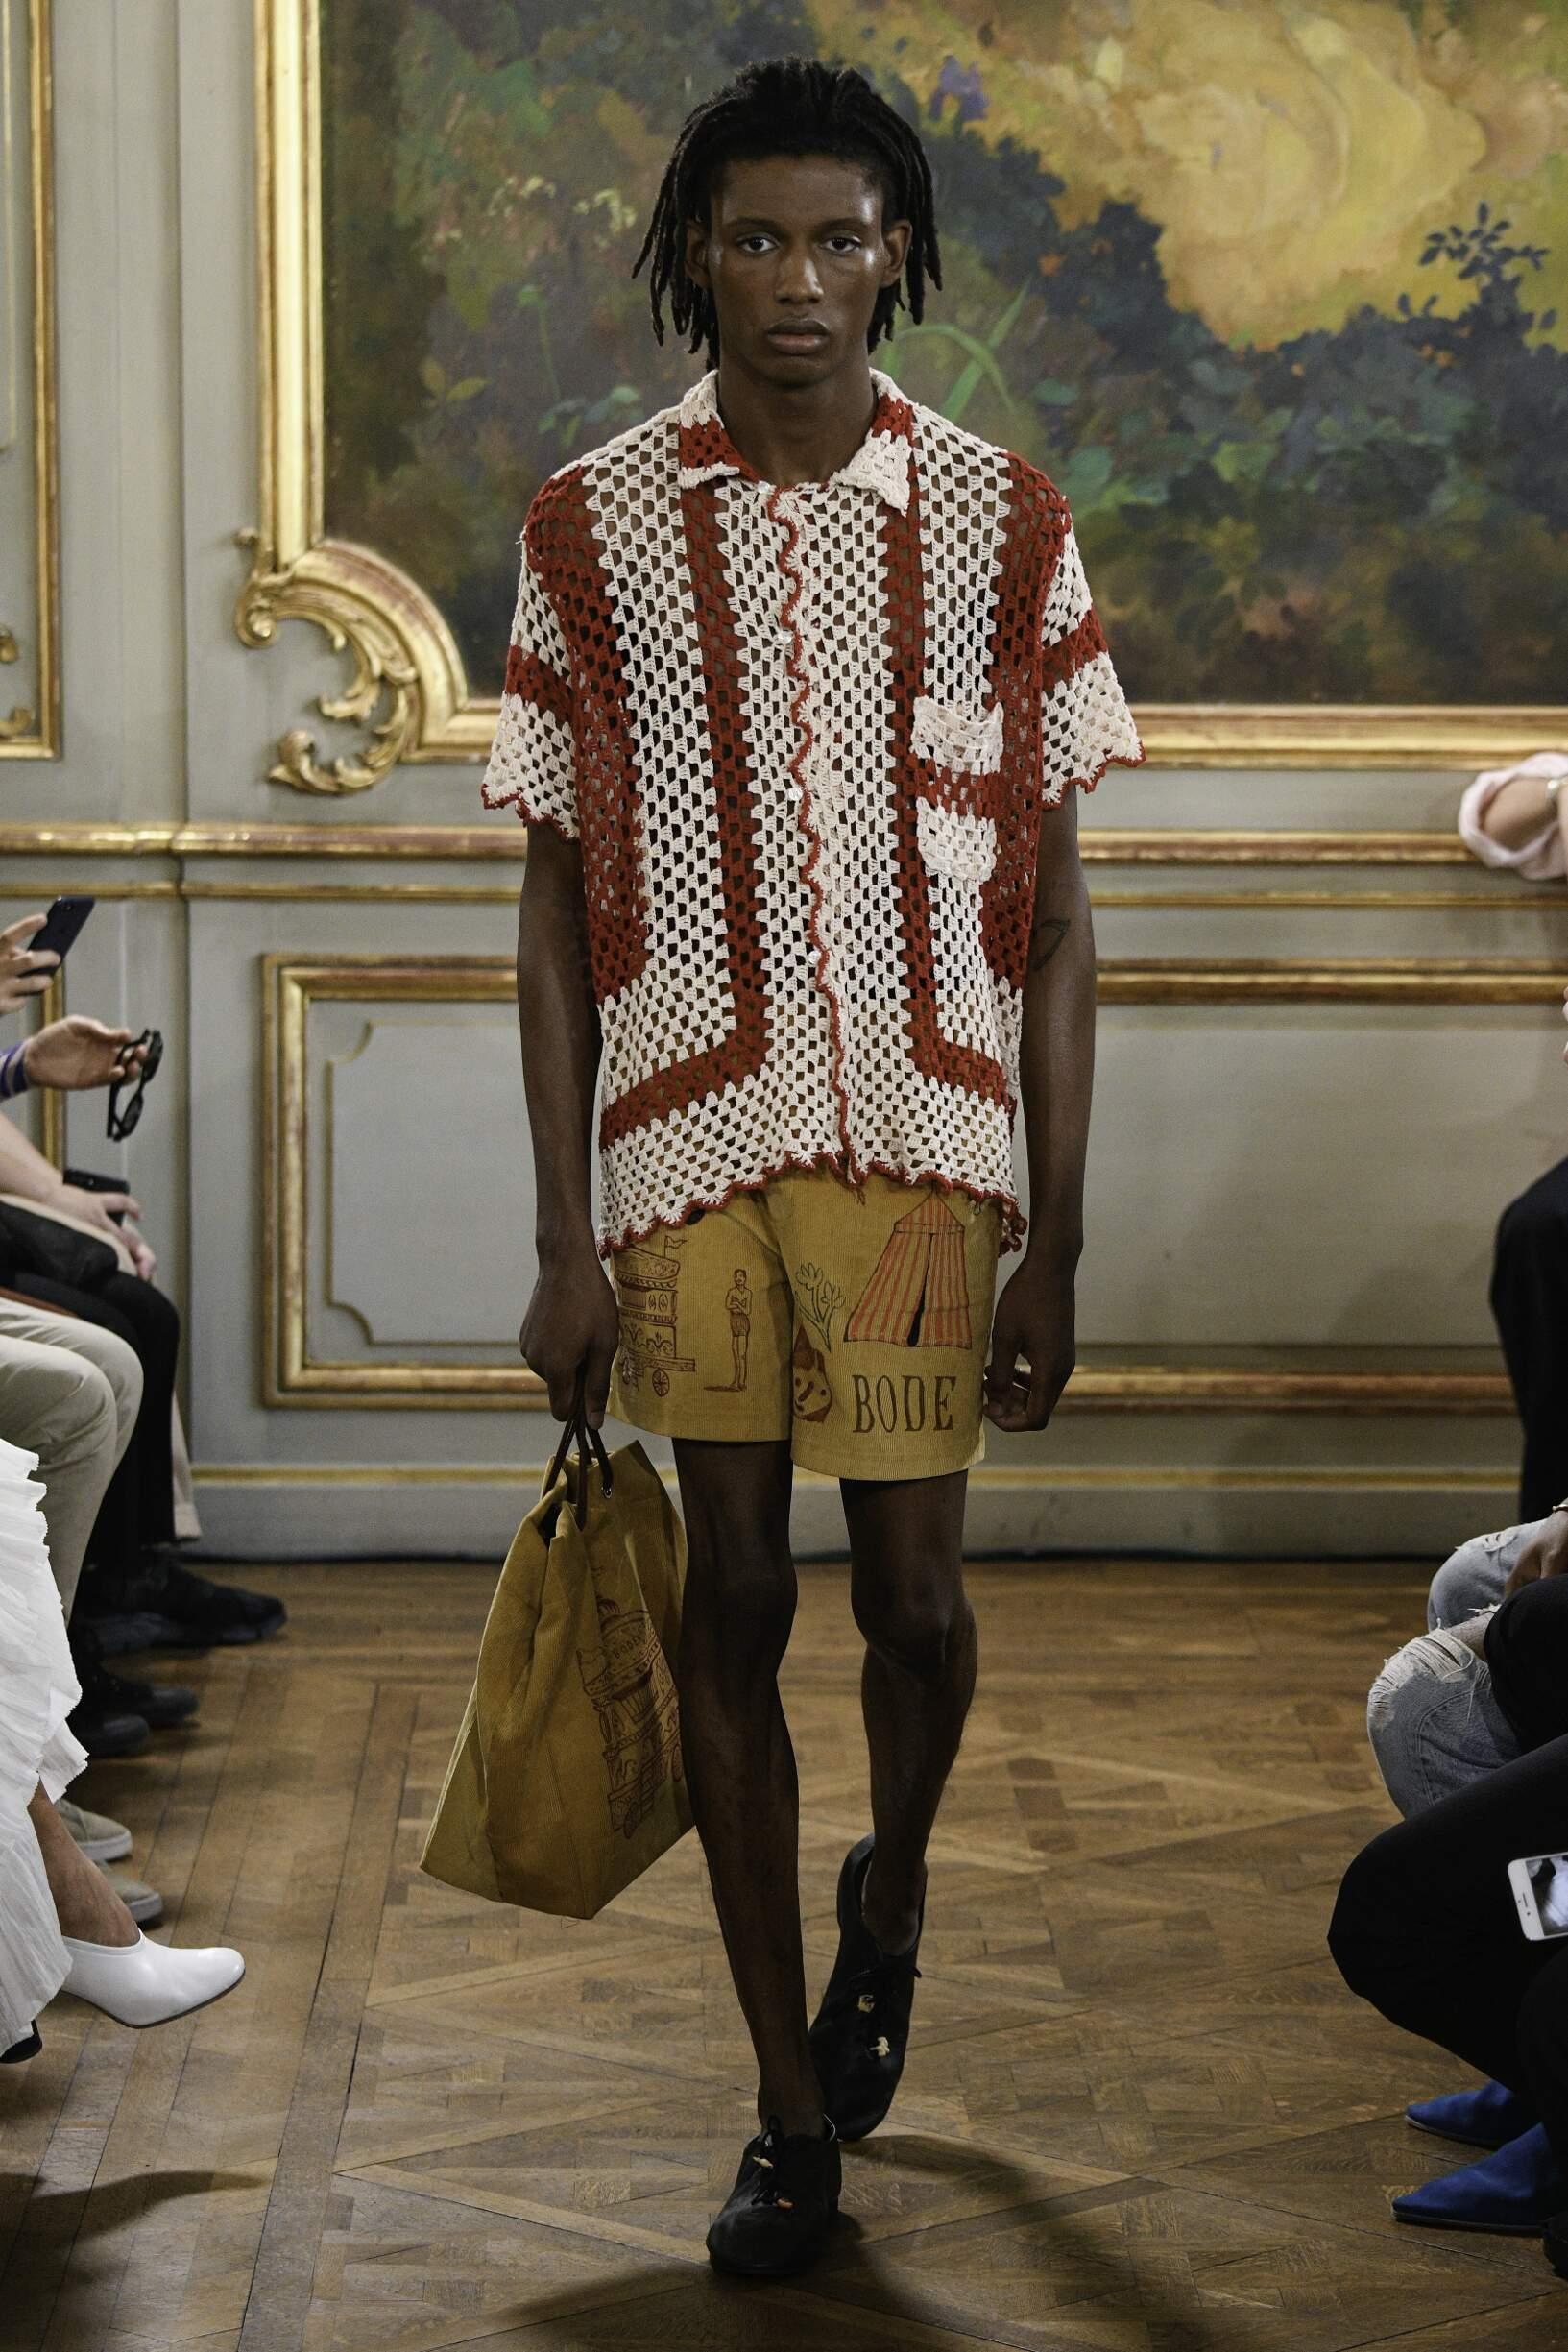 Bode Paris Fashion Week